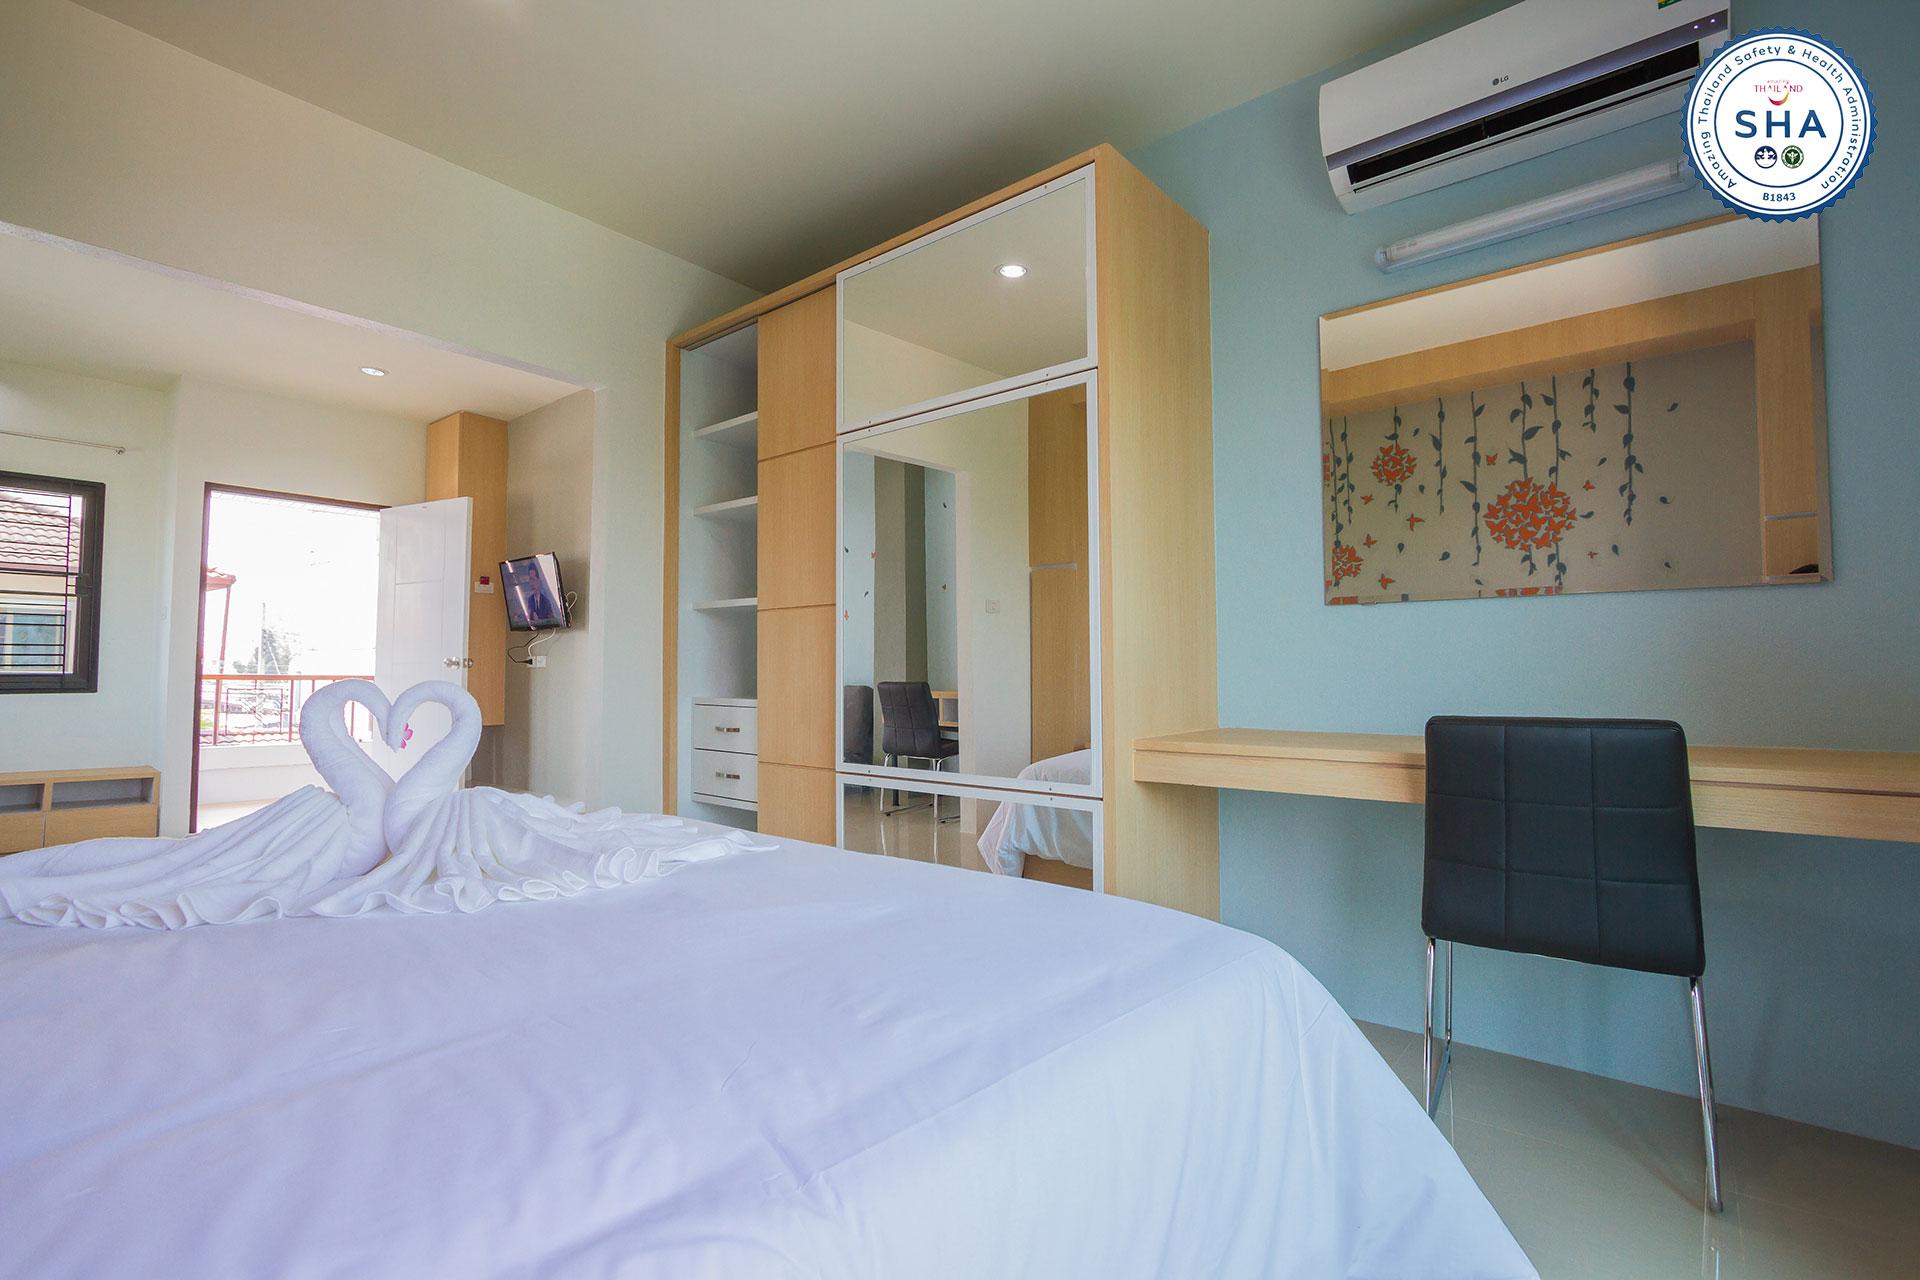 Studio Deluxe Suite : Double bed